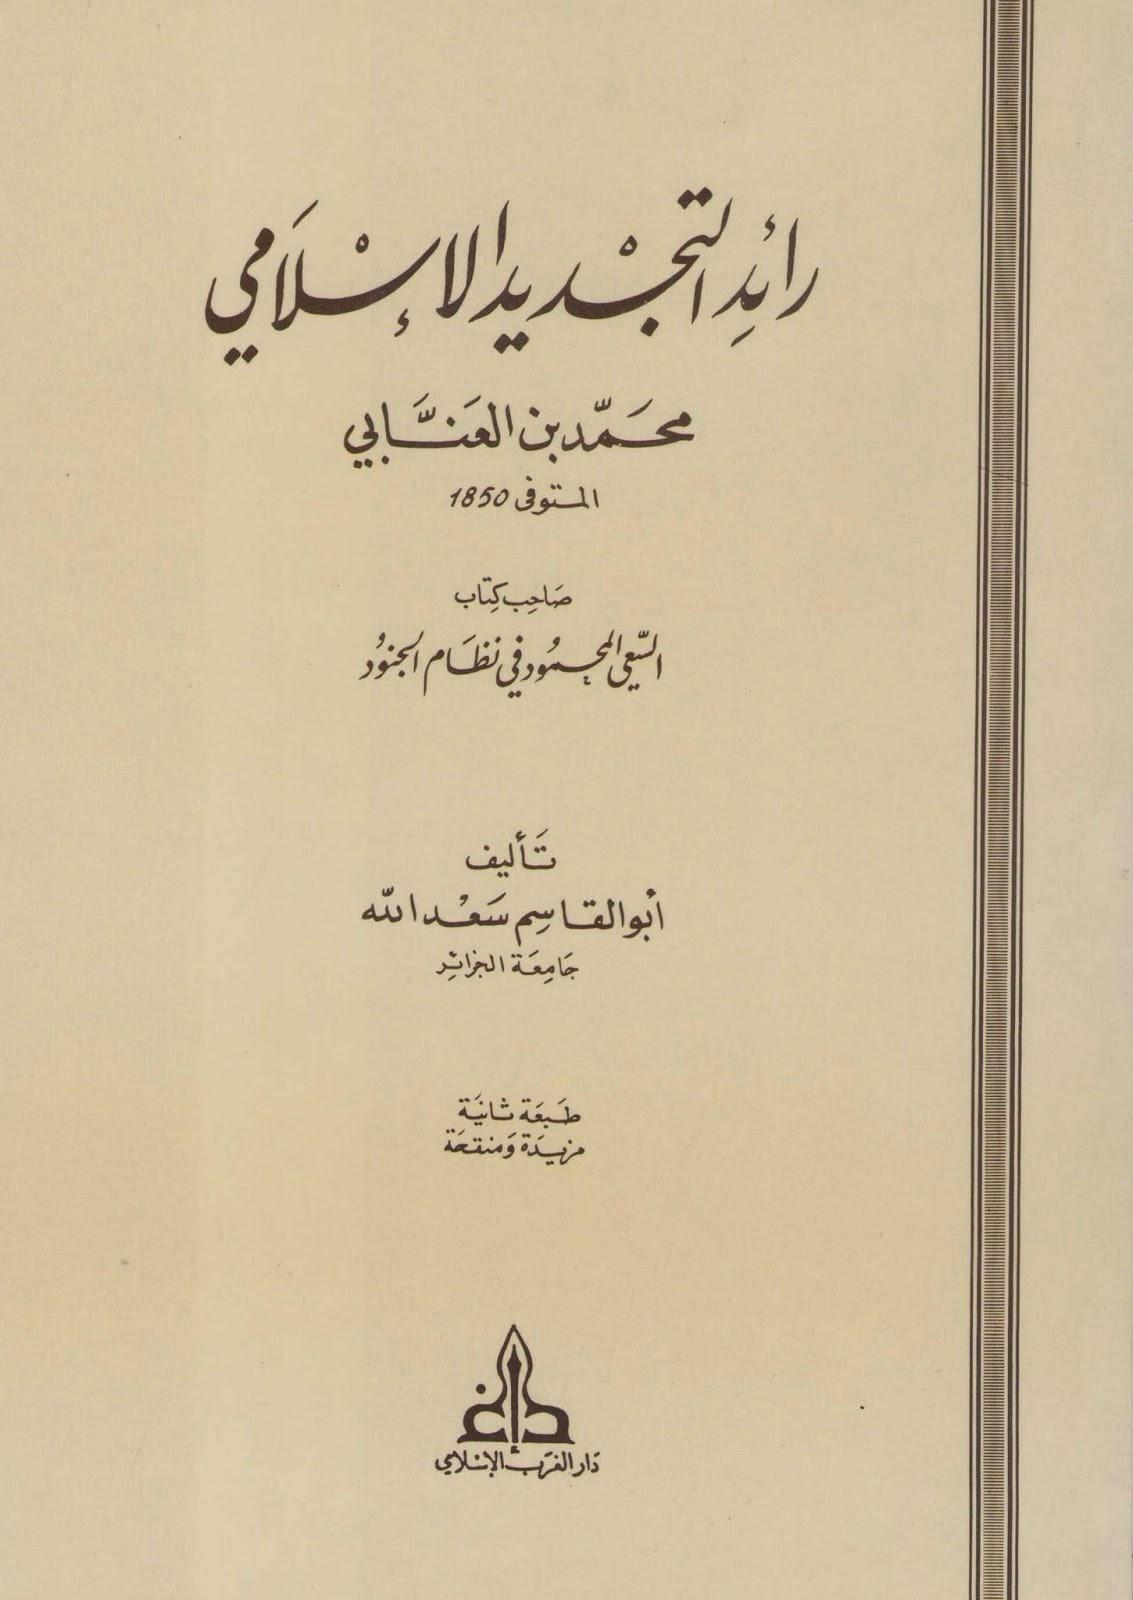 رائد التجديد الإسلامي محمد بن العنابي المتوفي 1850 لـ أبو القاسم سعد الله